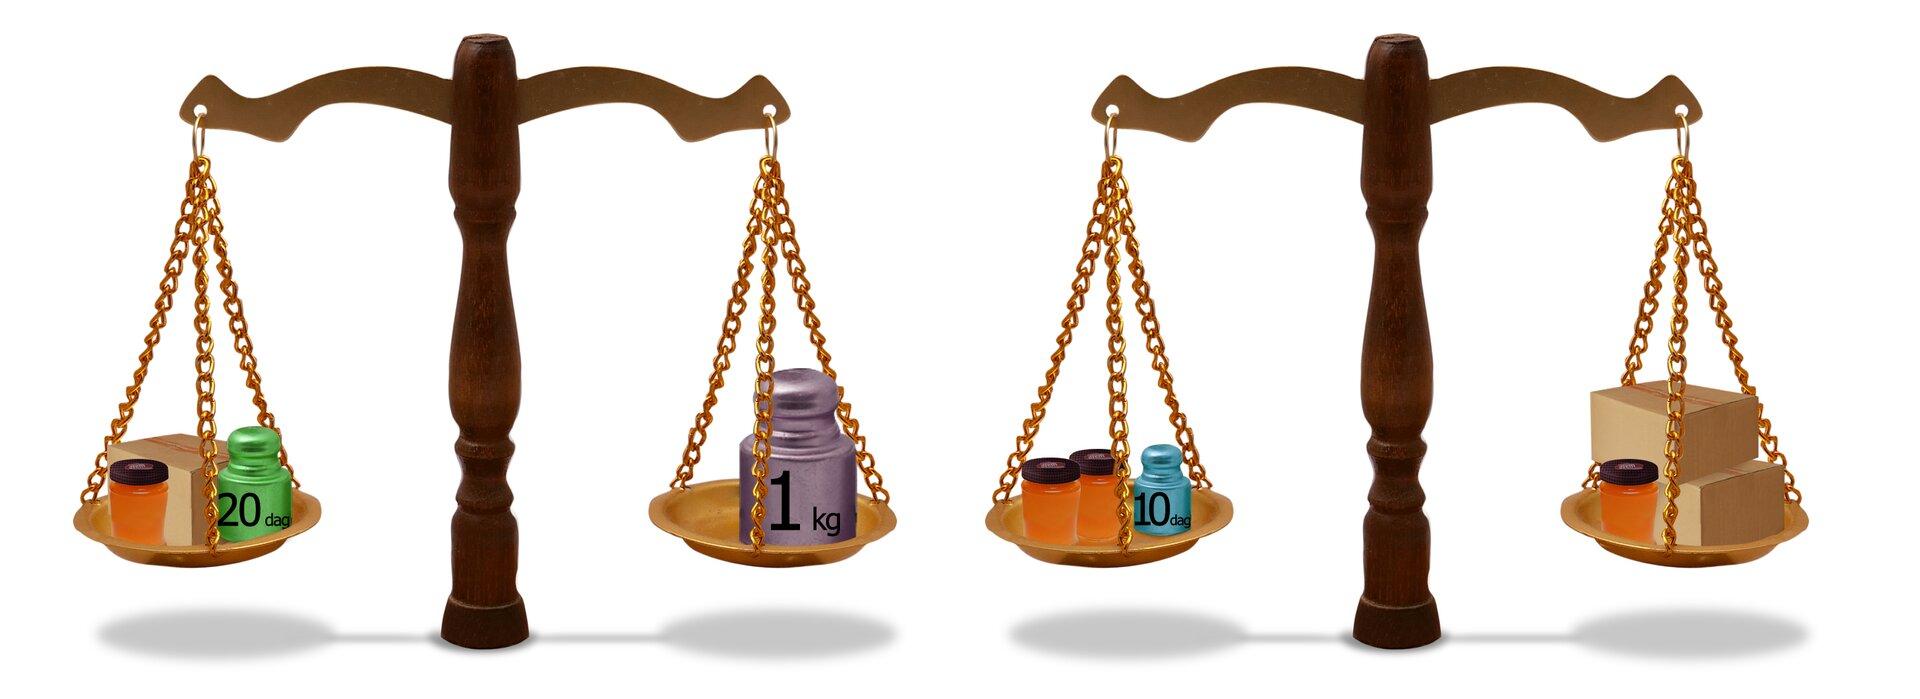 Rysunek dwóch wag. Na pierwszej wadze, na lewej szalce leżą pudełko, słoik iodważnik 20 dag. Na prawej szalce leży odważnik 1kg. Na drugiej wadze, na lewej szalce leżą dwa słoiki iodważnik 10 dag. Na prawej szalce leżą dwa pudełka isłoik.